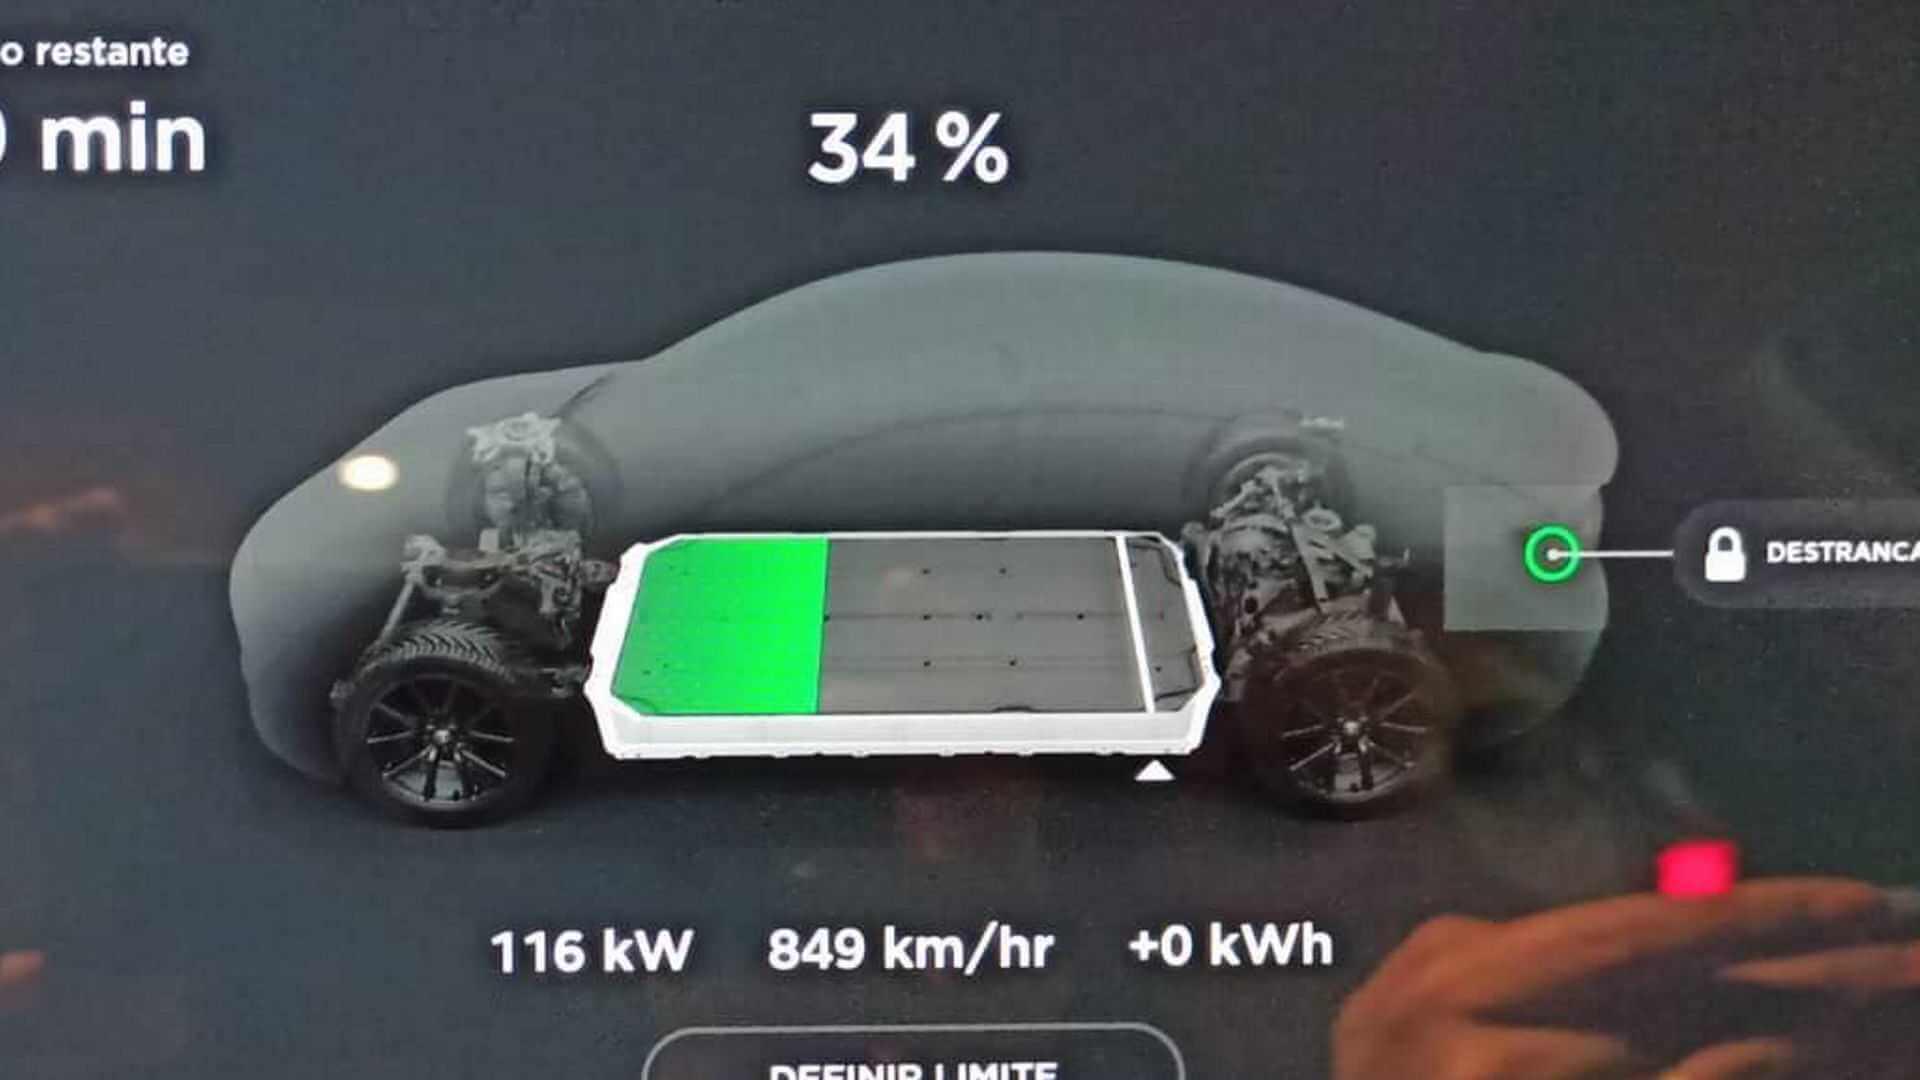 Tesla снизила мощность зарядных станций Supercharger в Европе не объясняя причин